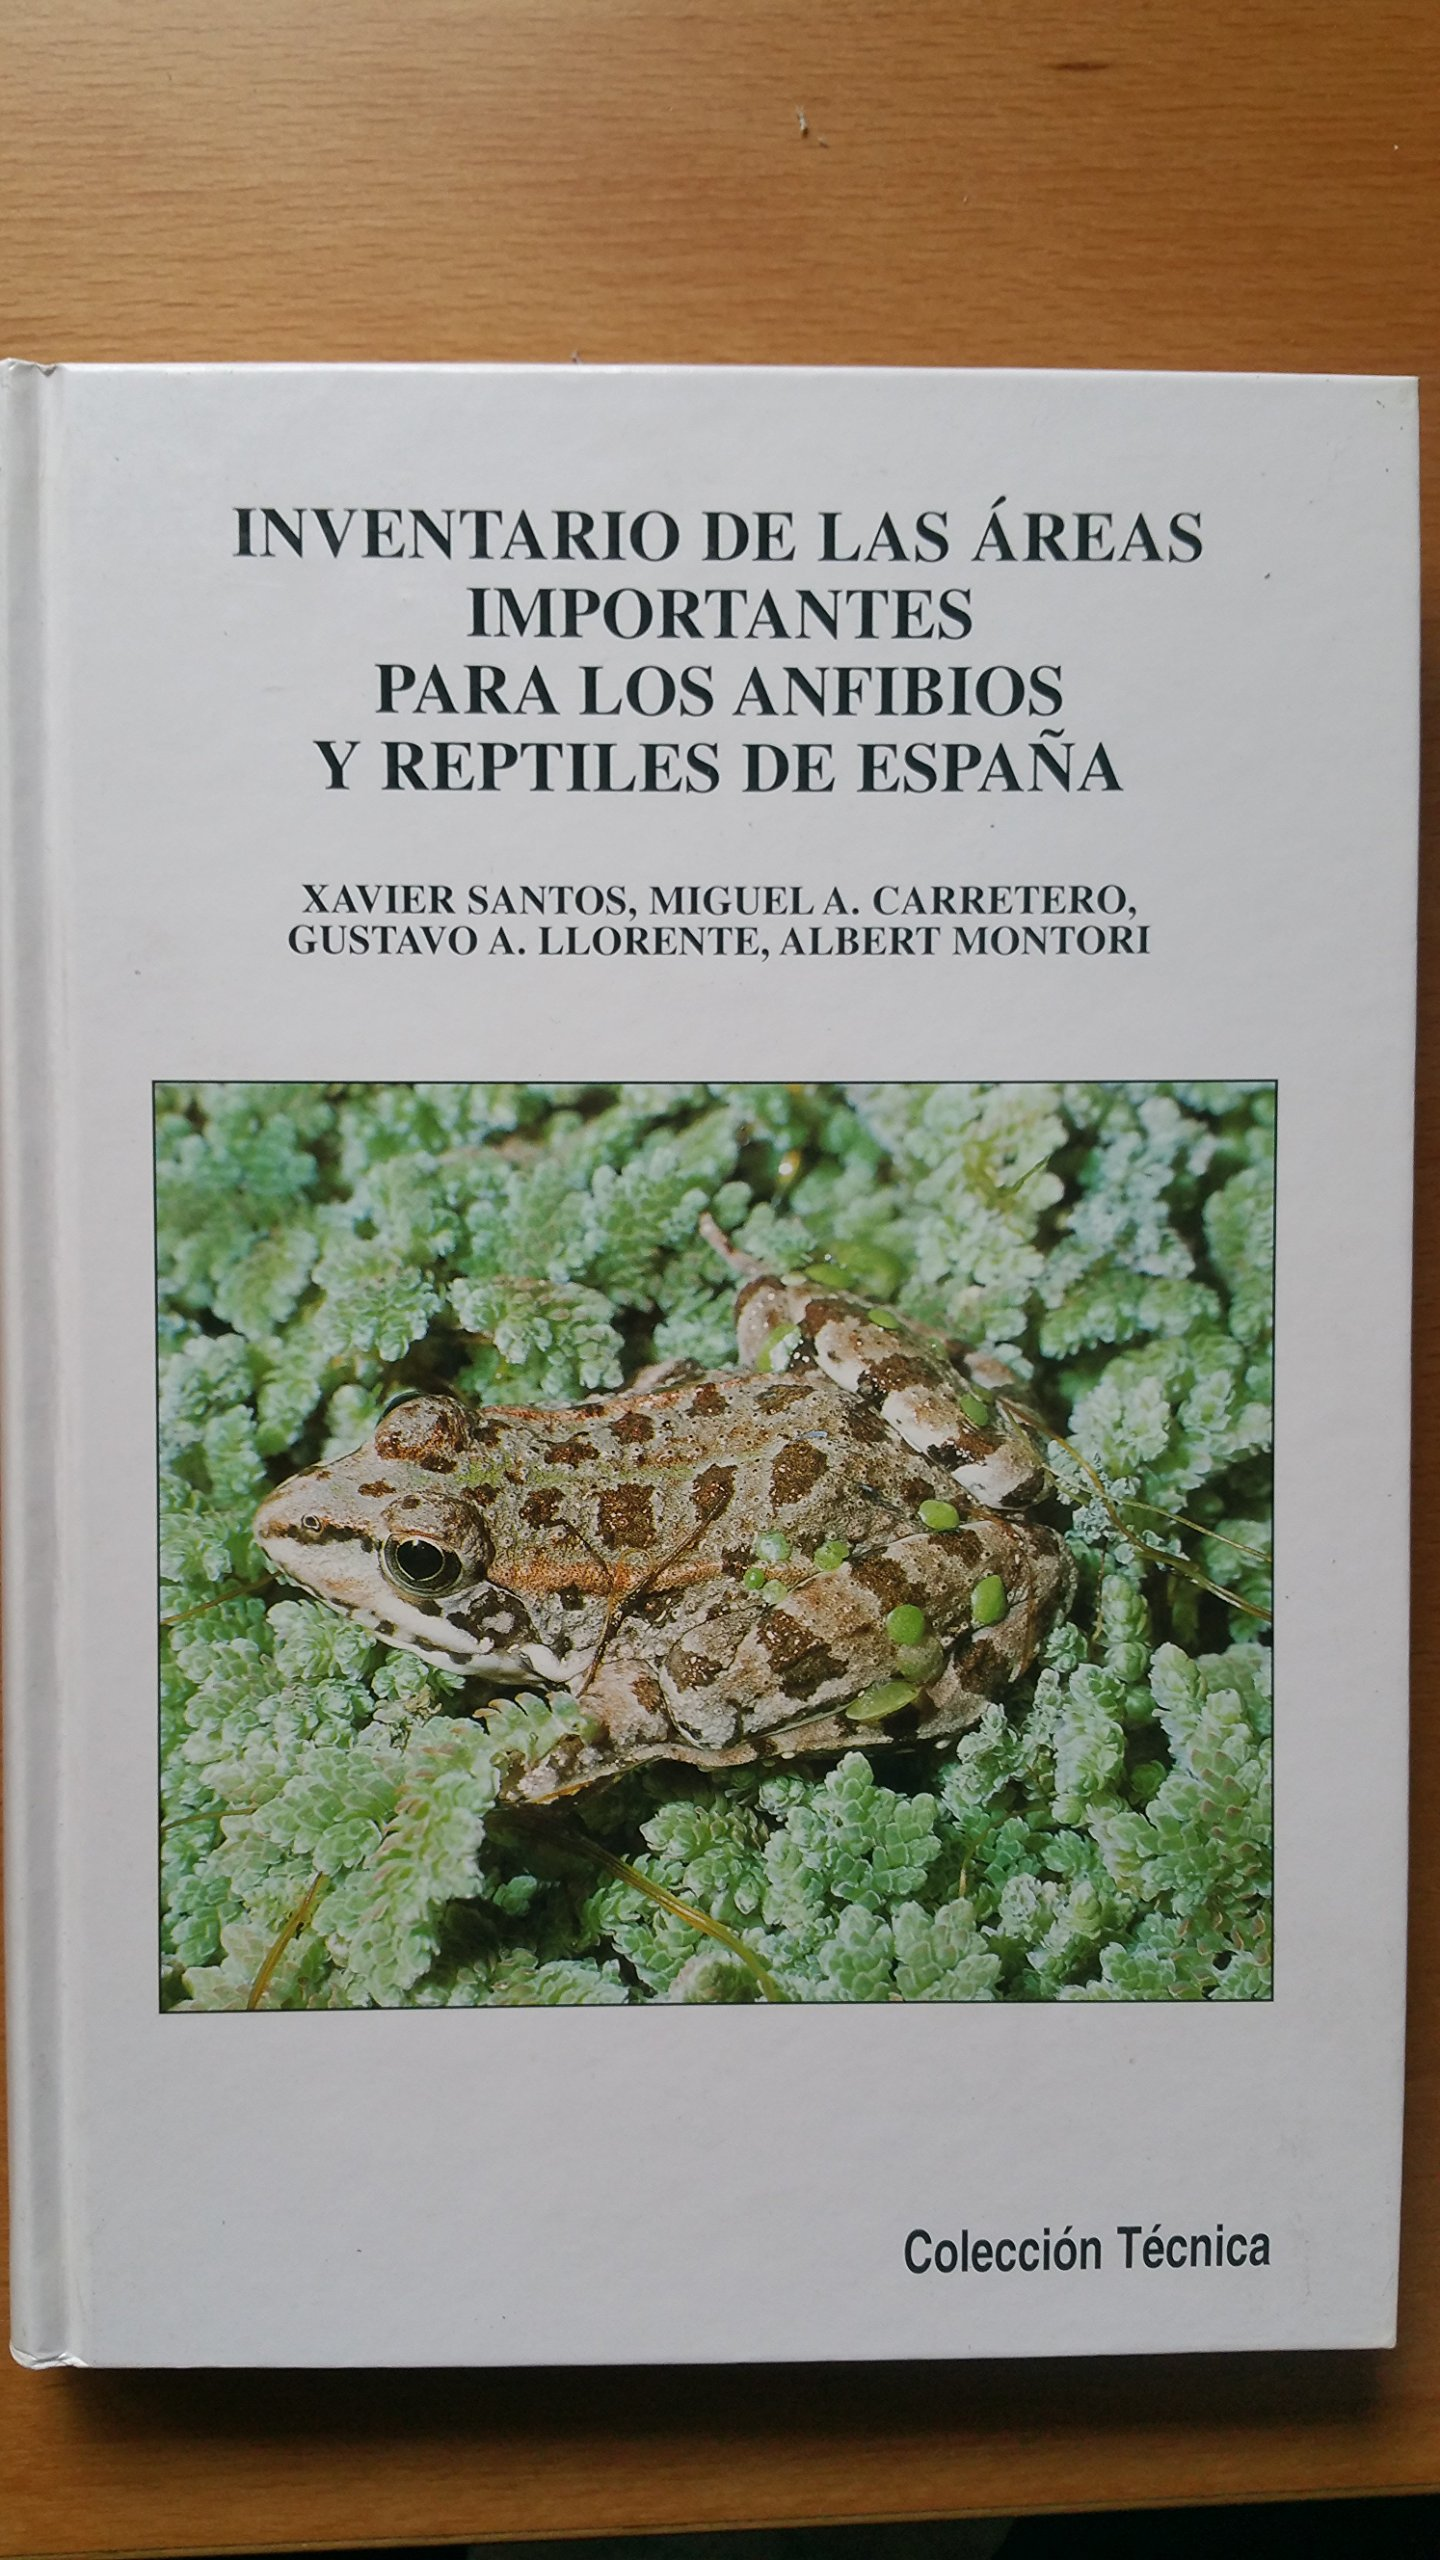 Inventario de laas Areas Importantes para los Anfibioos y Reptiles de España: Amazon.es: Xavier Santos: Libros